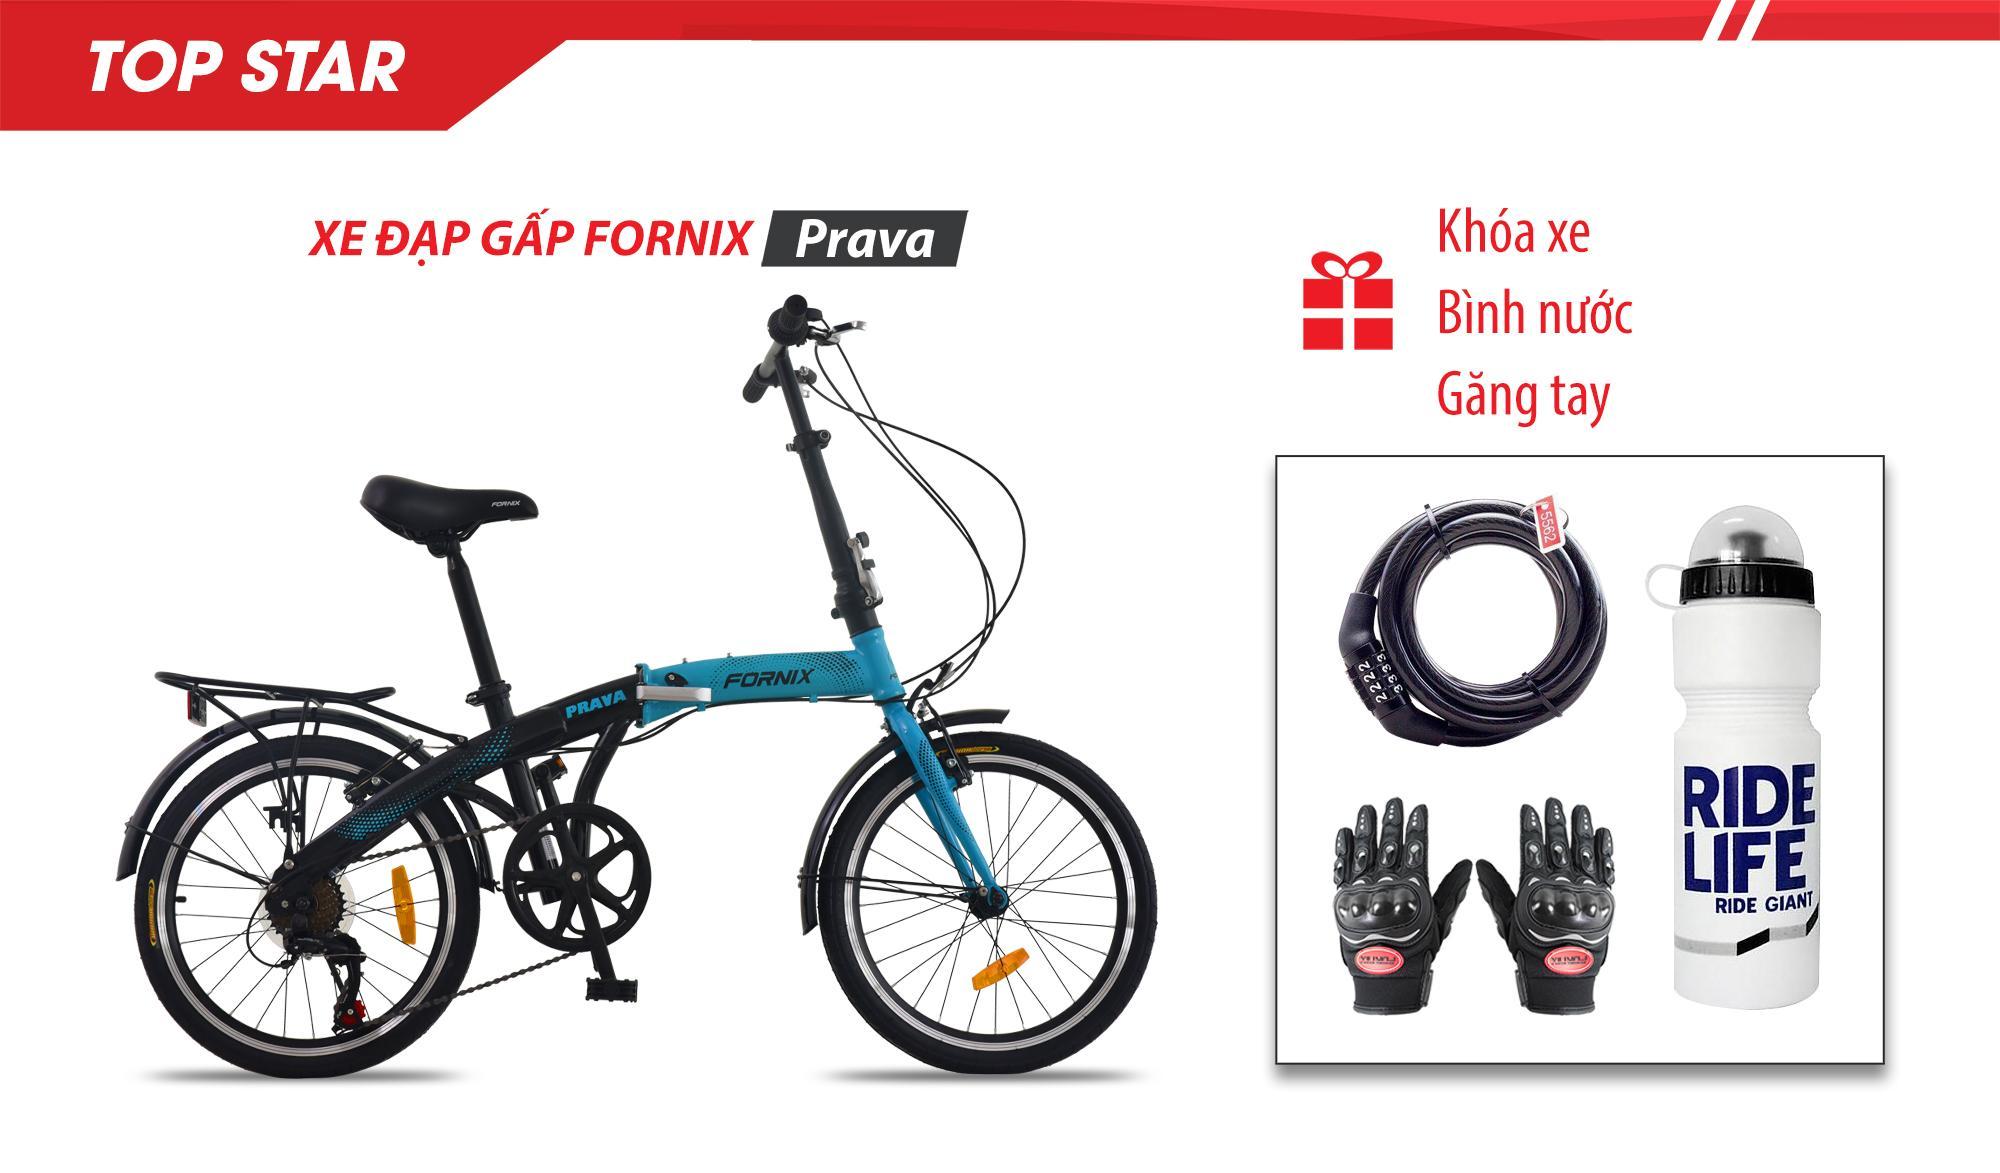 Mua Xe đạp gấp thể thao Prava- vòng bánh 20 inch- Bảo hành 12 tháng + Găng tay, Bình nước, Khóa xe cao cấp